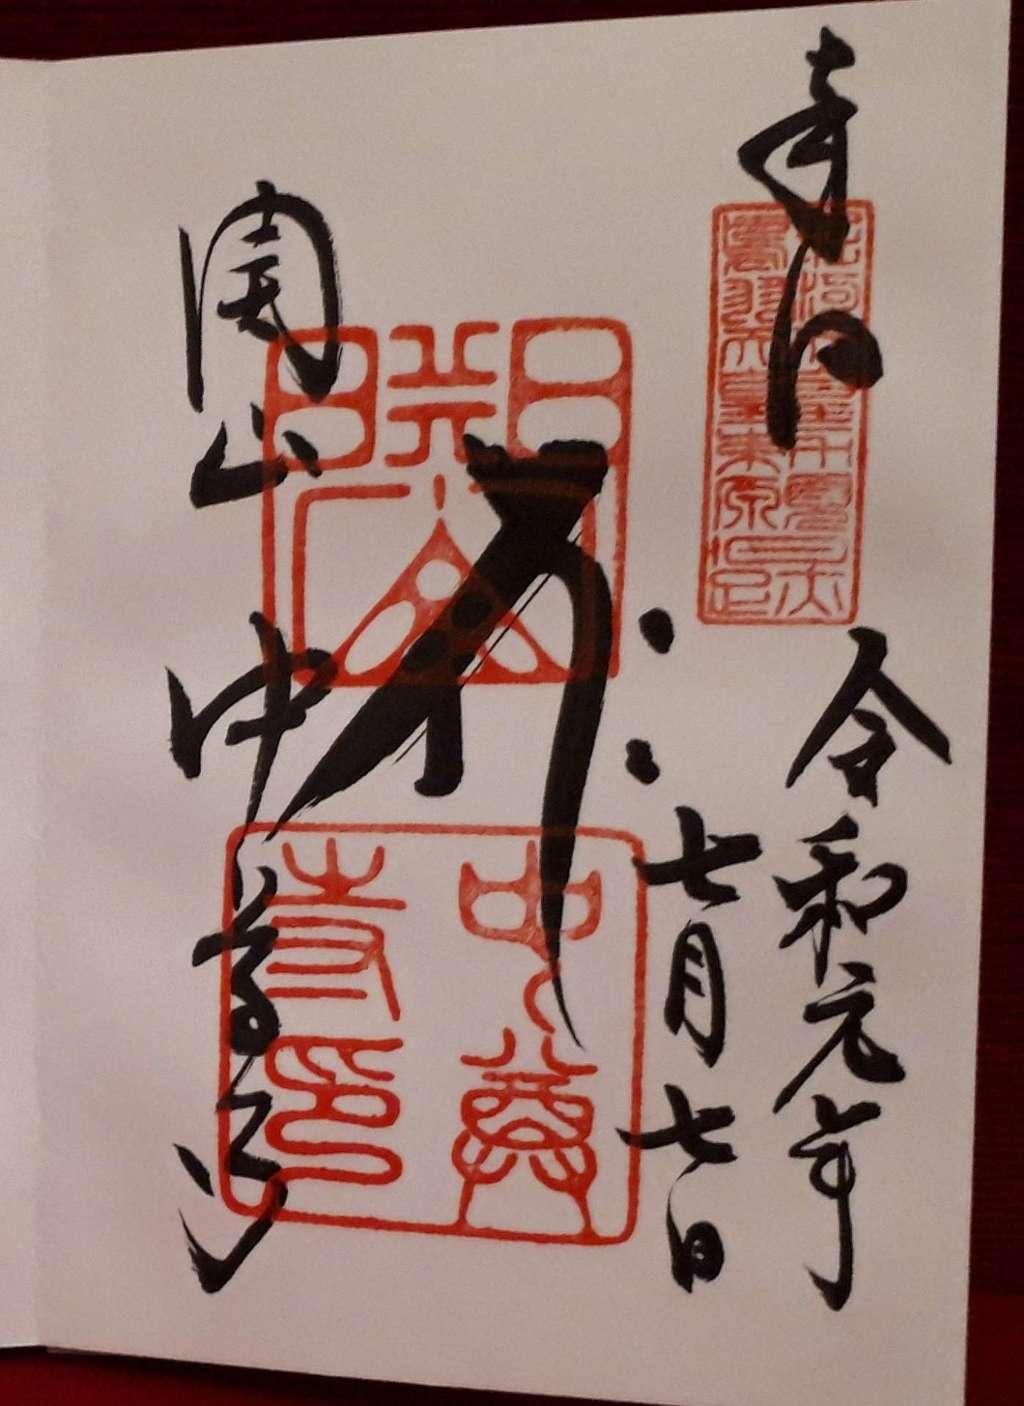 中尊寺(岩手県)